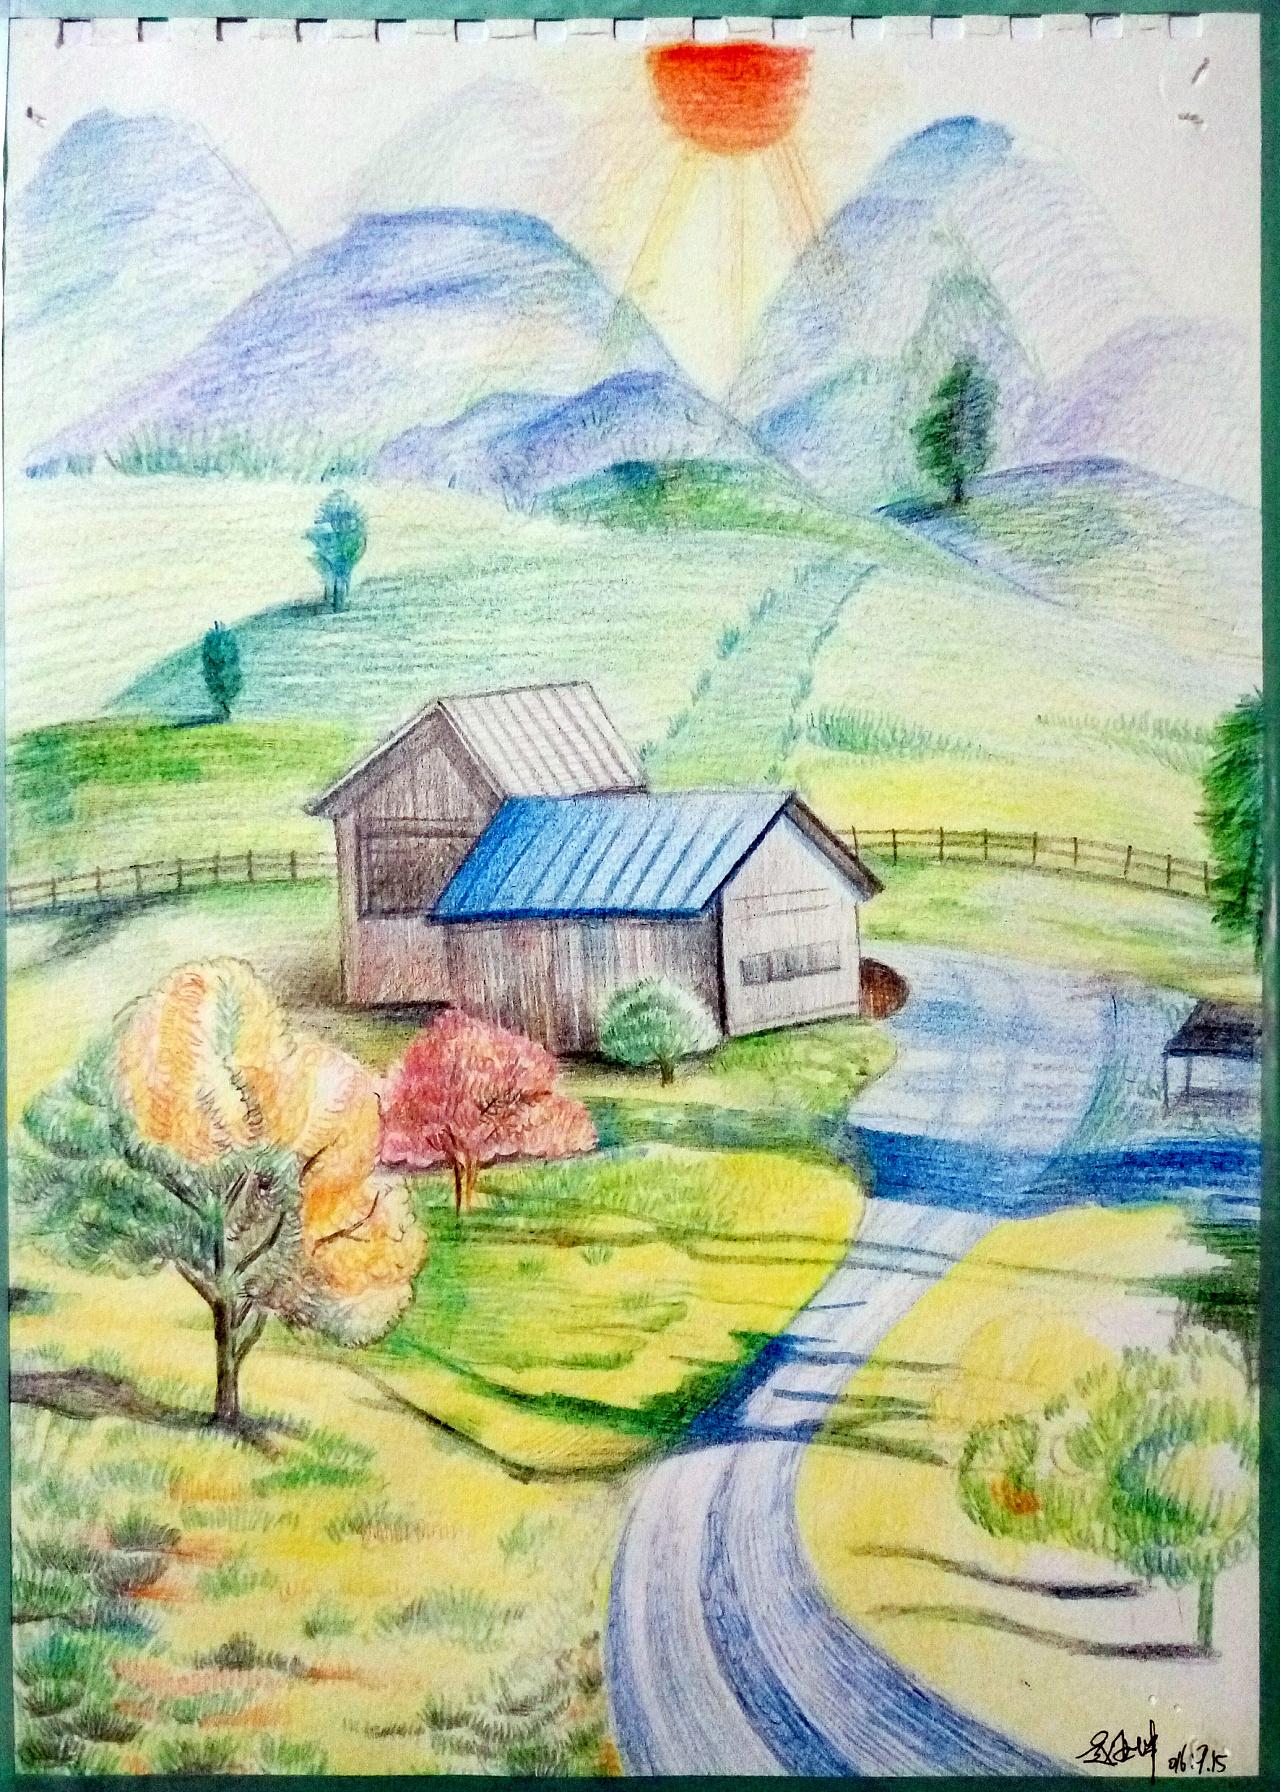 彩铅风景|纯艺术|彩铅|彩虹在哪里 - 原创作品 - 站酷图片